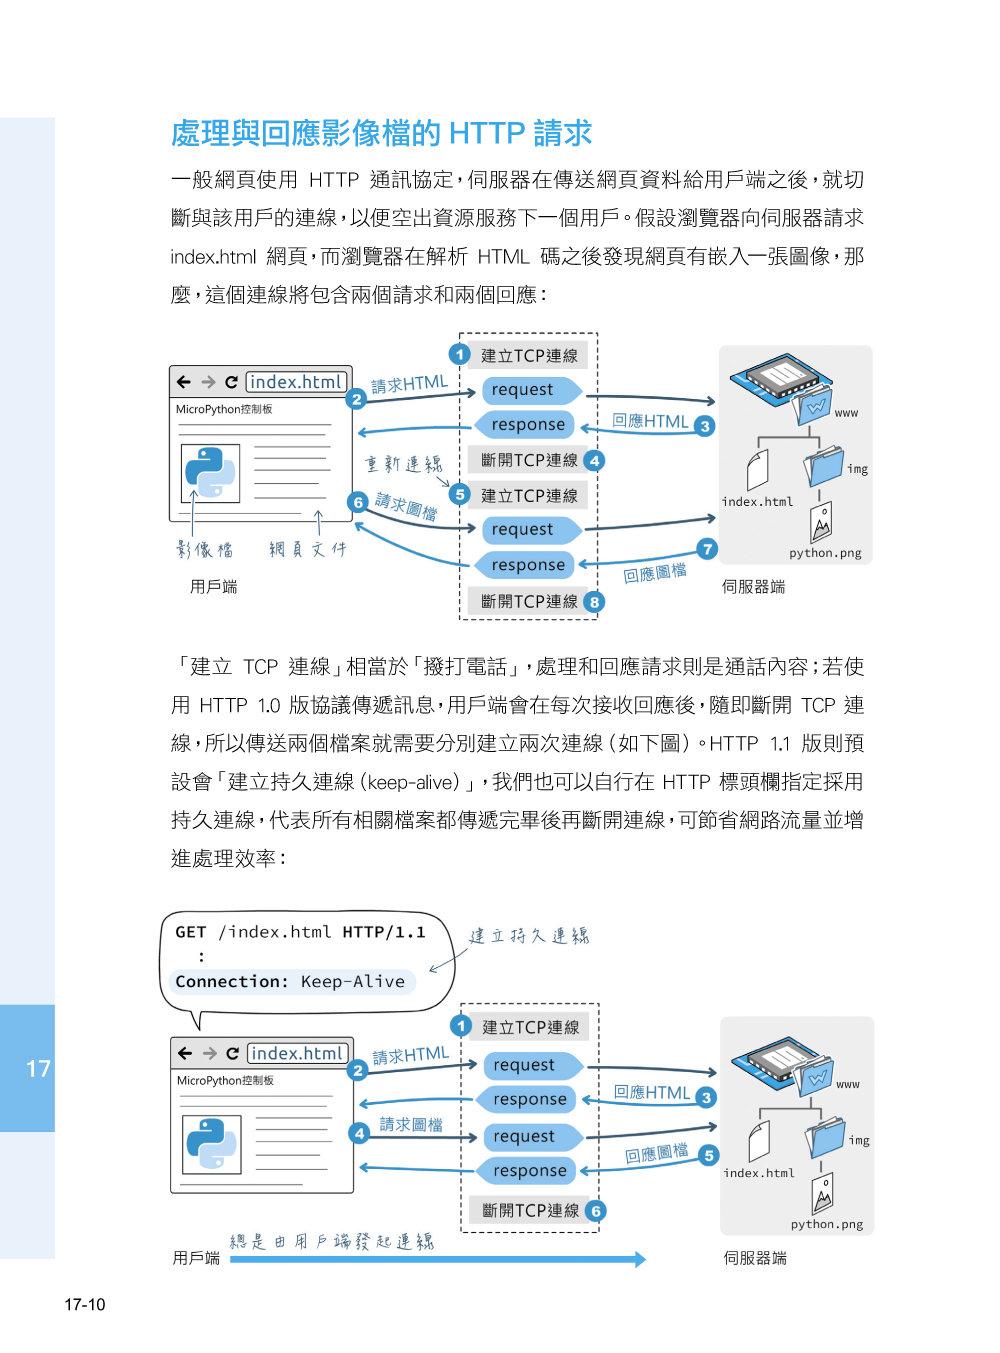 超圖解 Python 物聯網實作入門 -- 使用 ESP8266 與 MicroPython-preview-4